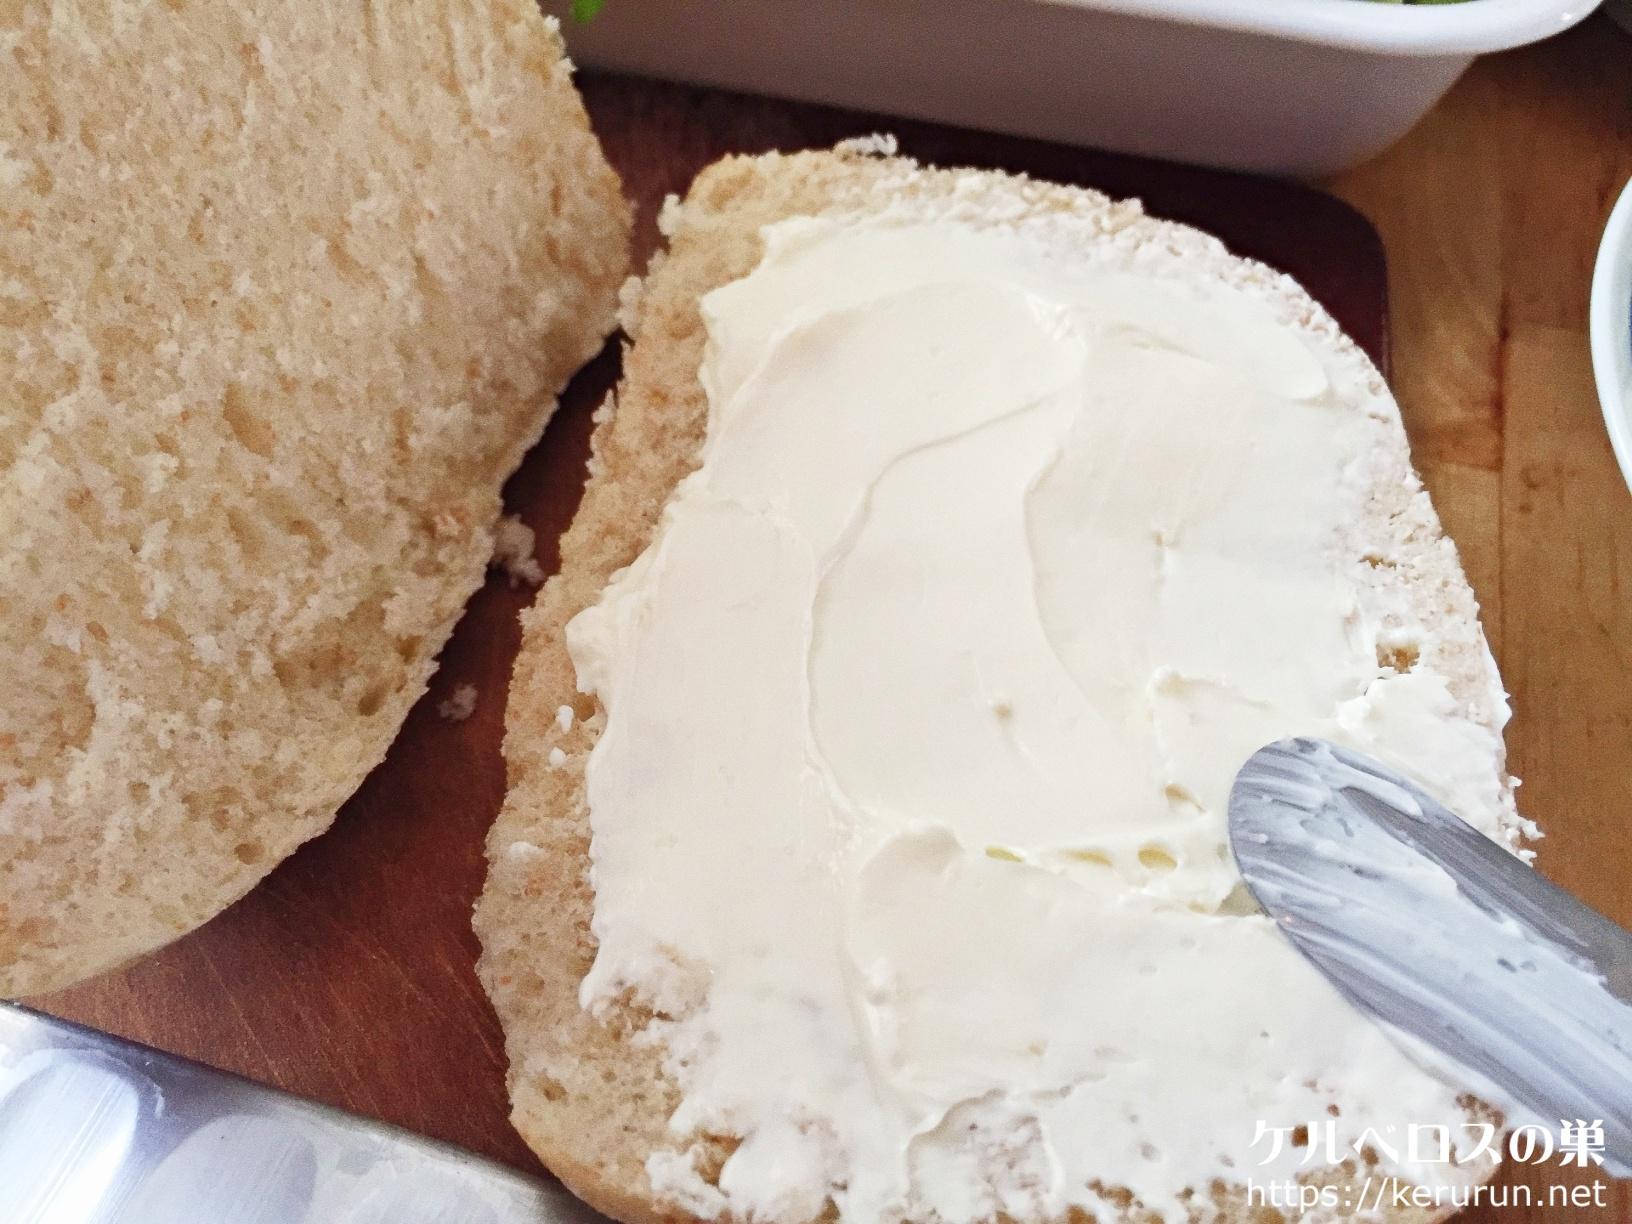 成城石井のロールパンで作るサンドイッチ弁当